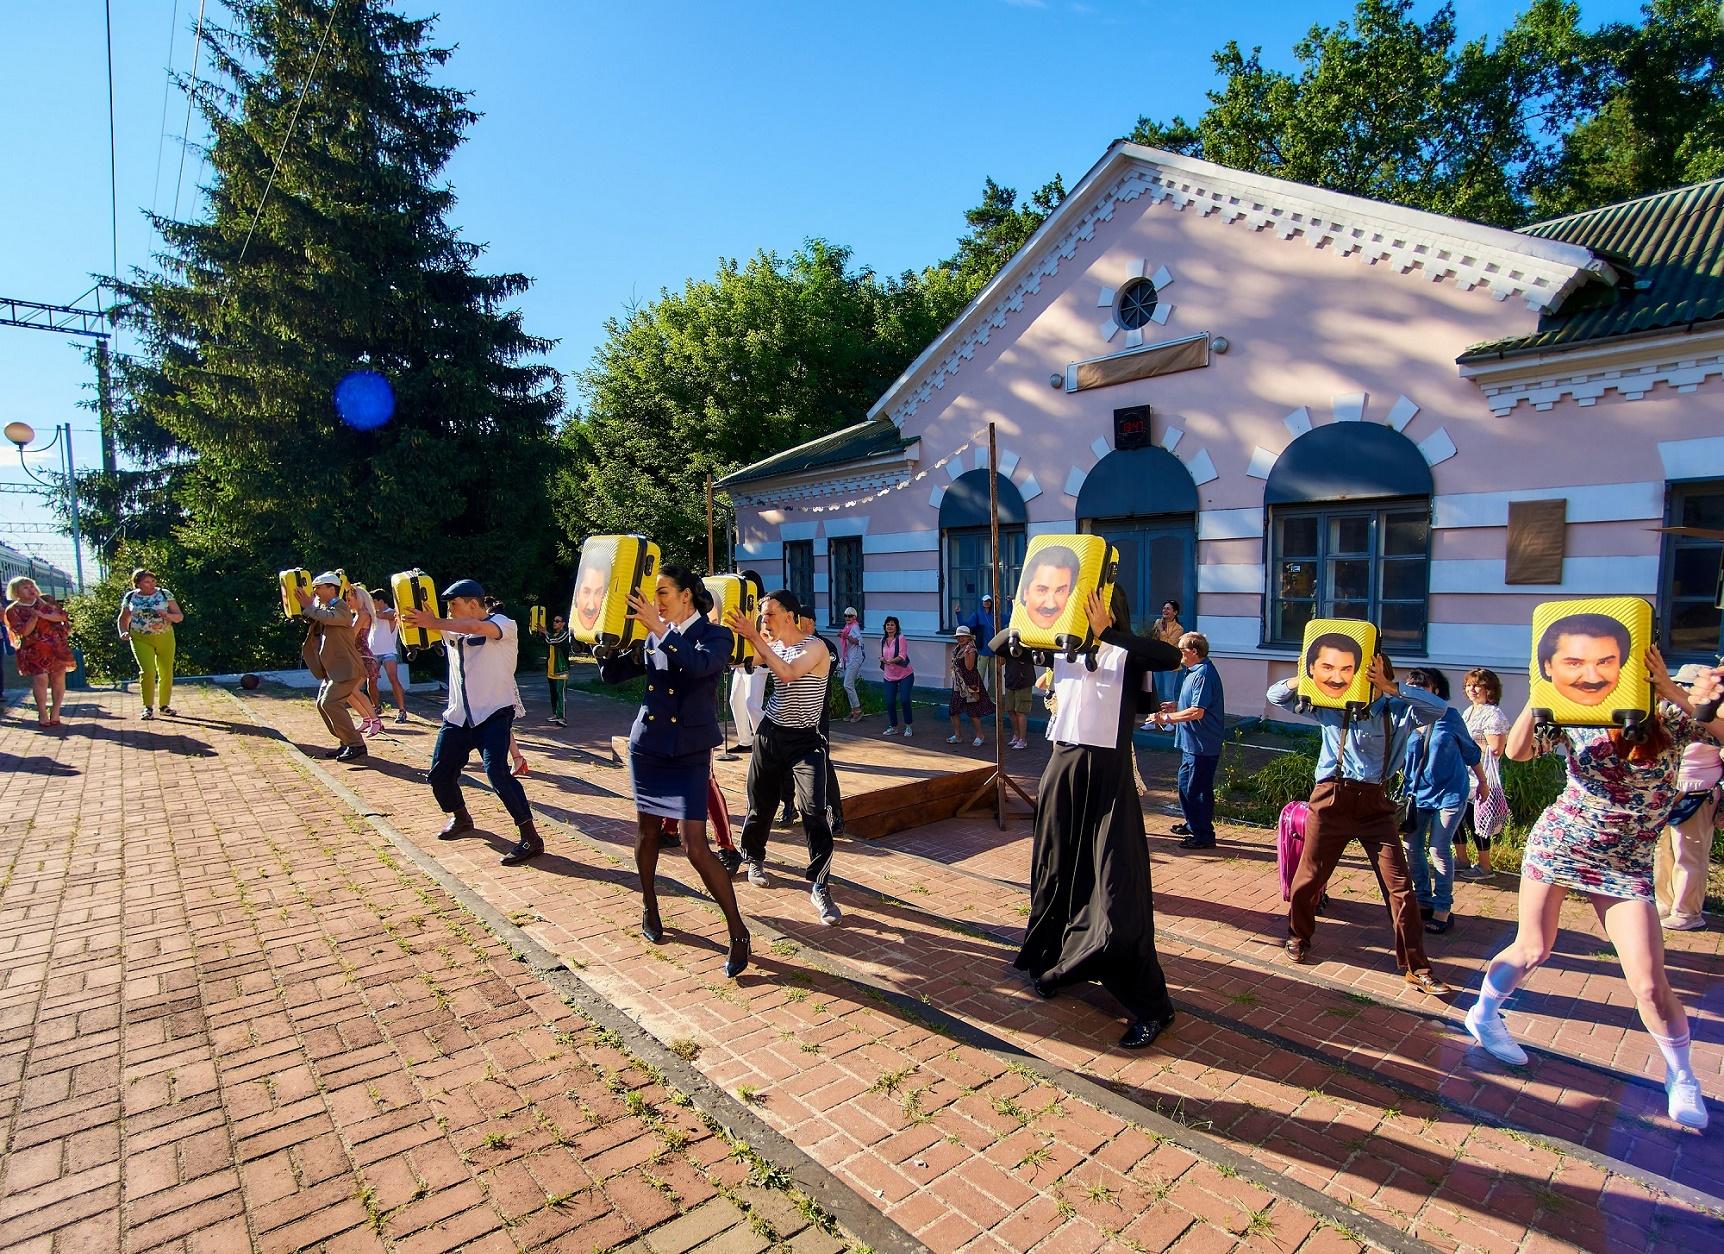 Певец Павел Зибров устроил настоящее шоу